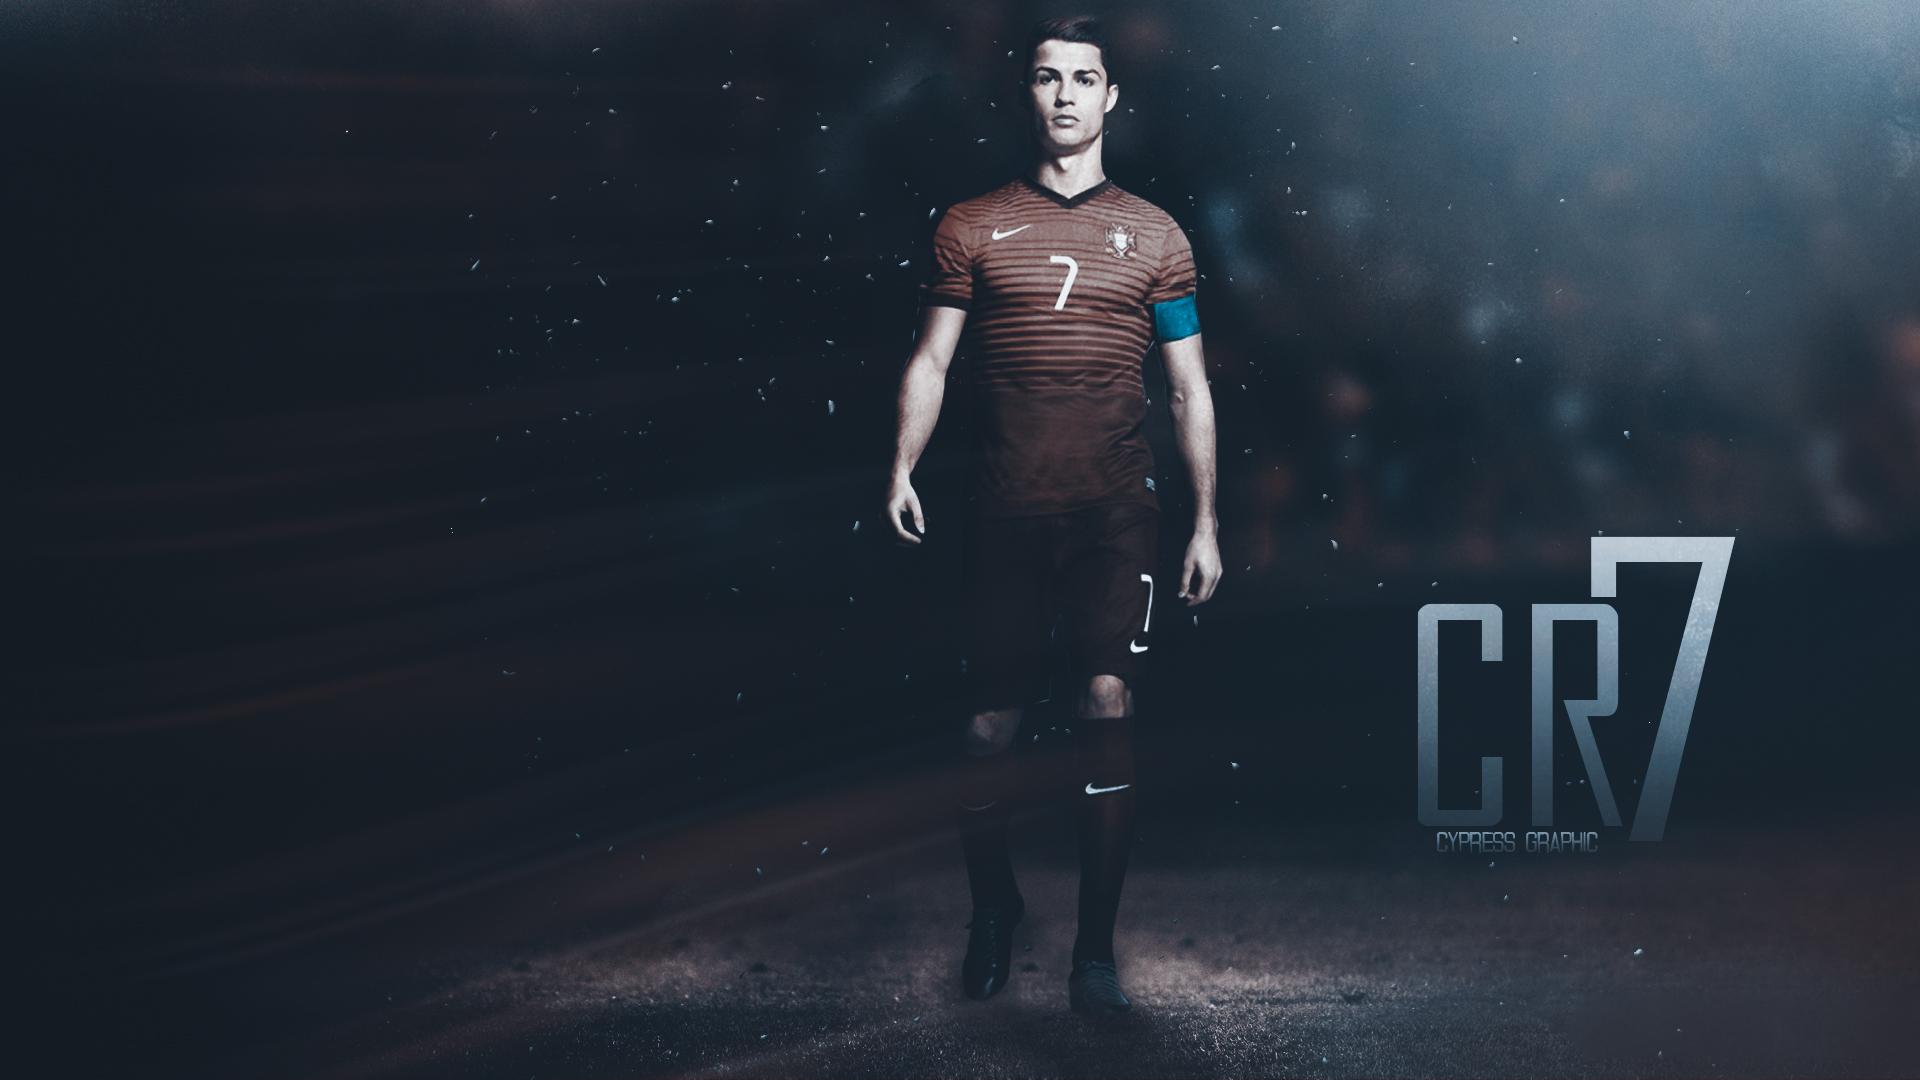 best service 9dc7a a5fa7 Cristiano Ronaldo Orange jersey wallpaper Cristiano Ronaldo ...